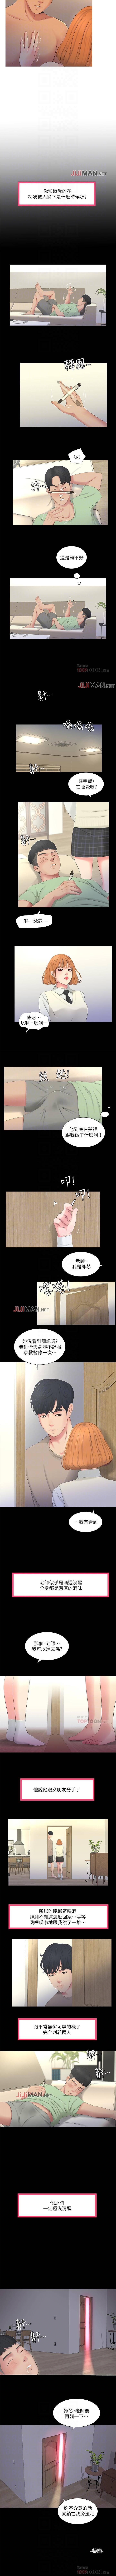 【周四连载】亲家四姐妹(作者:愛摸) 第1~31话 16